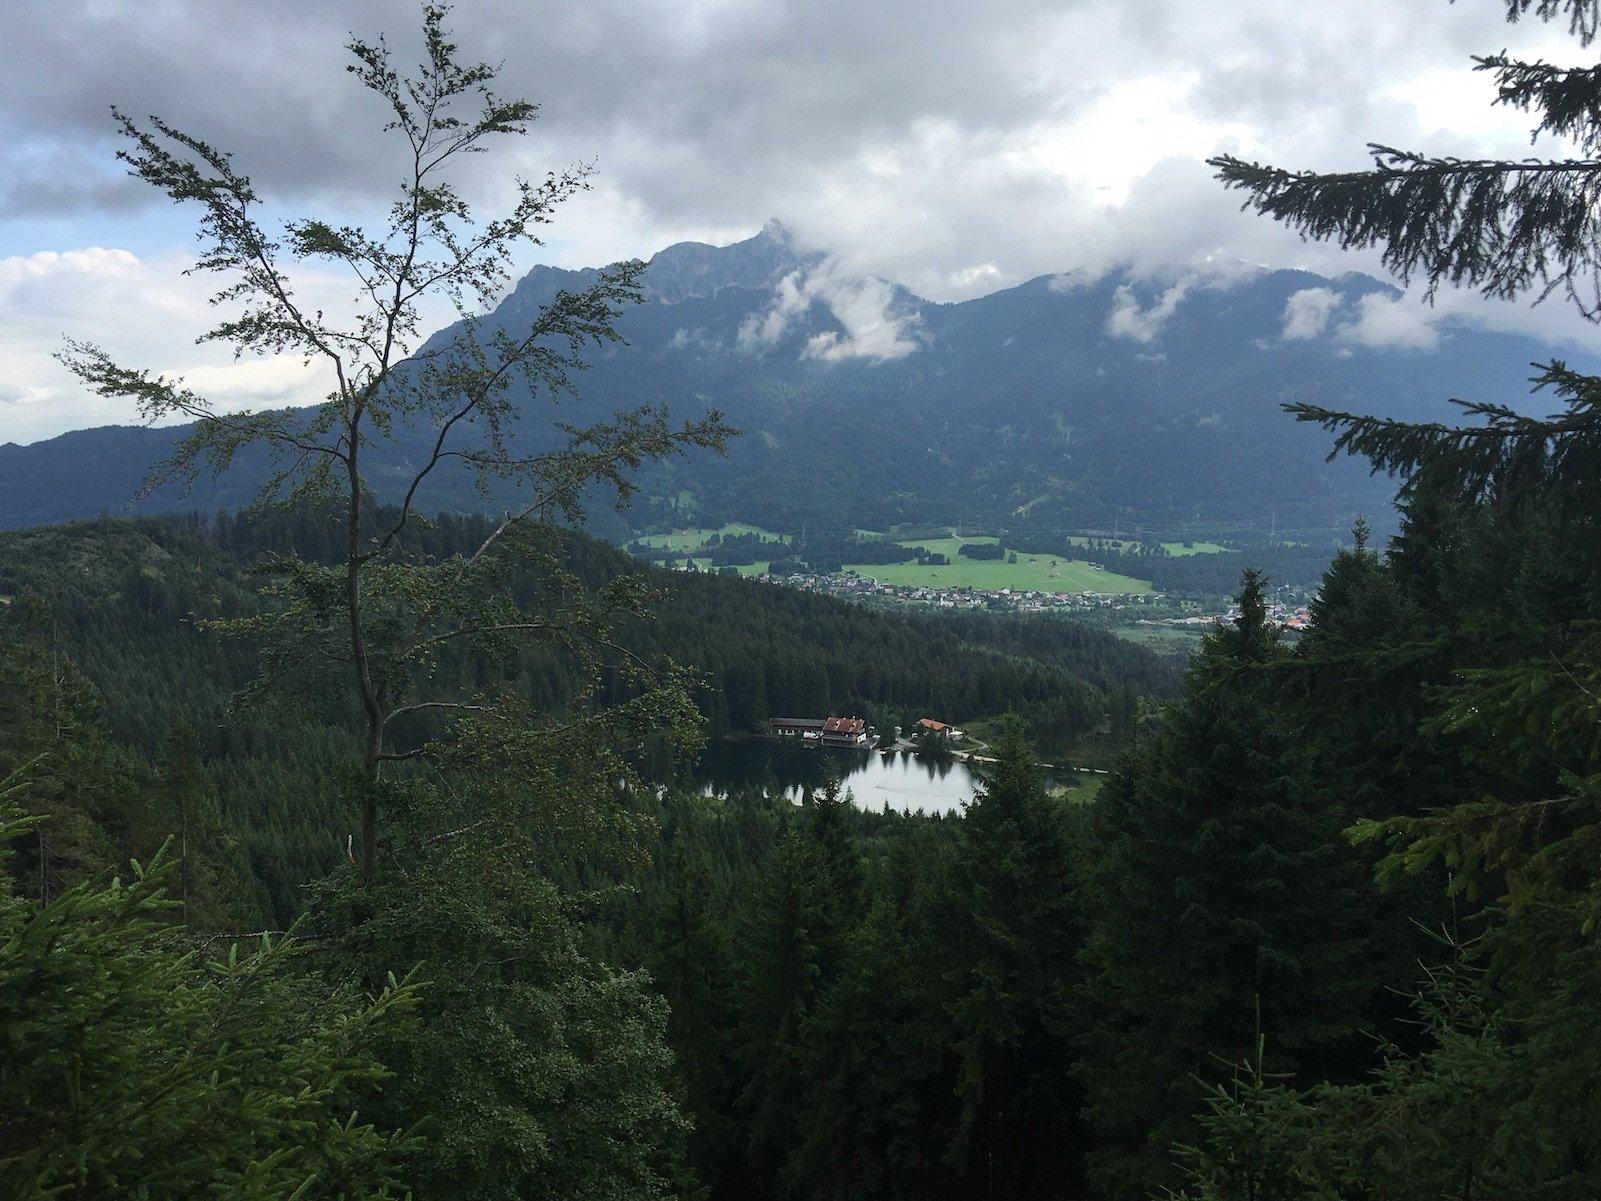 Der Frauensee von oben durch die Bäume auf dem Lechweg